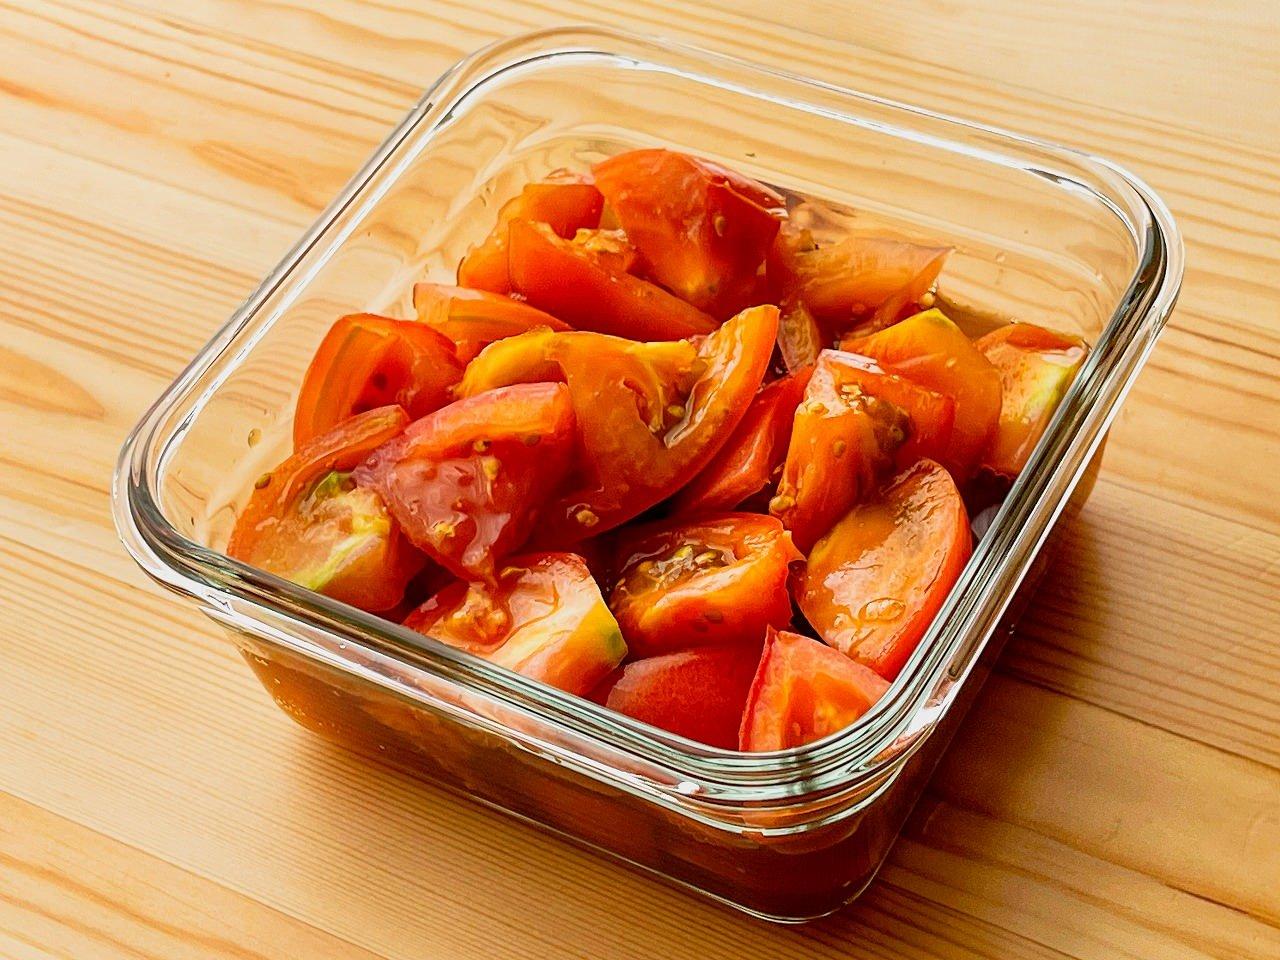 【野菜ひとつ】トマトの甘酢漬け